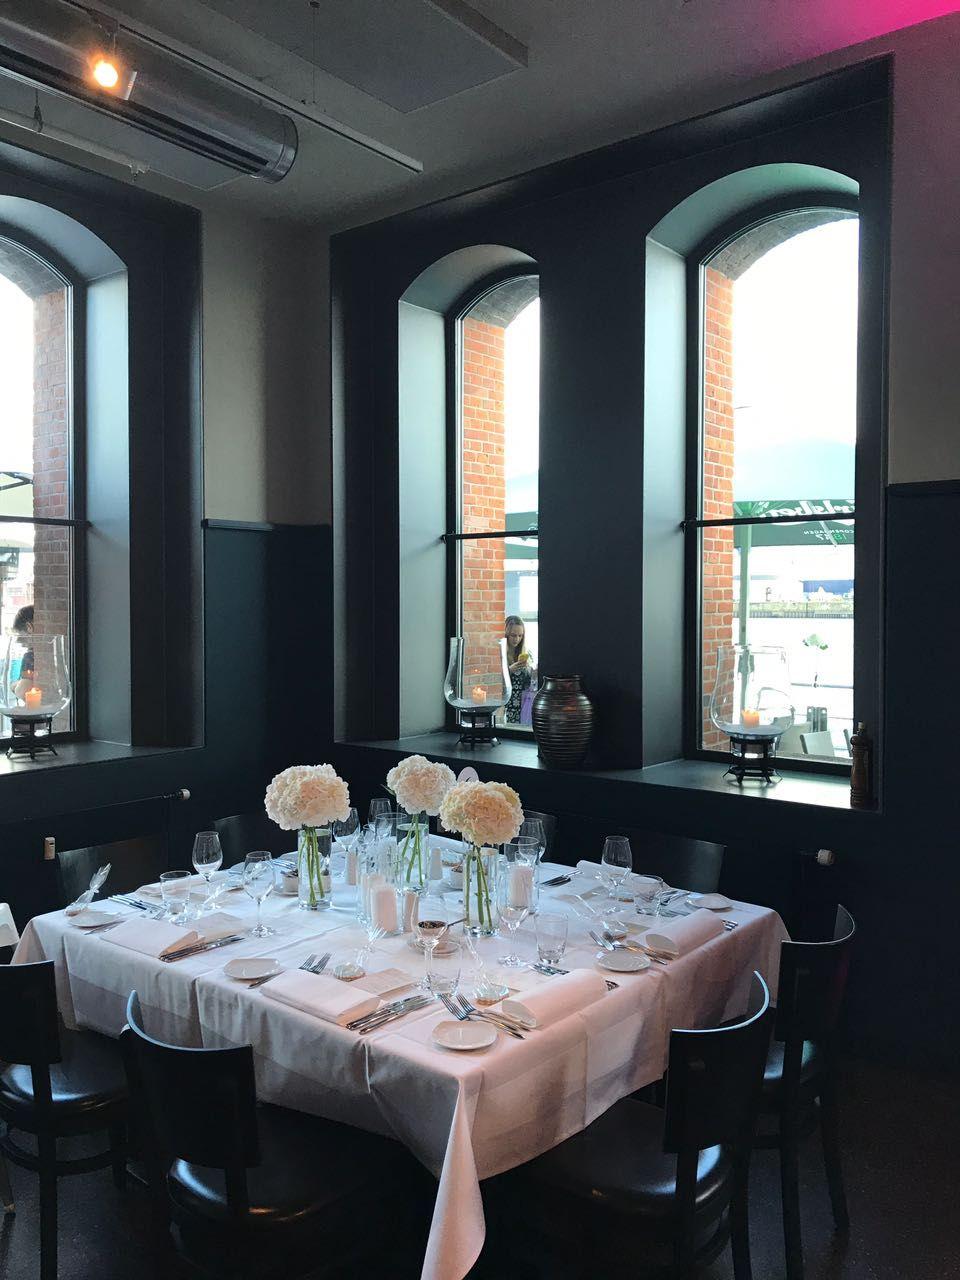 Italienisches Restaurant Klassisch Und Schick Weisse Tischdeko Mit